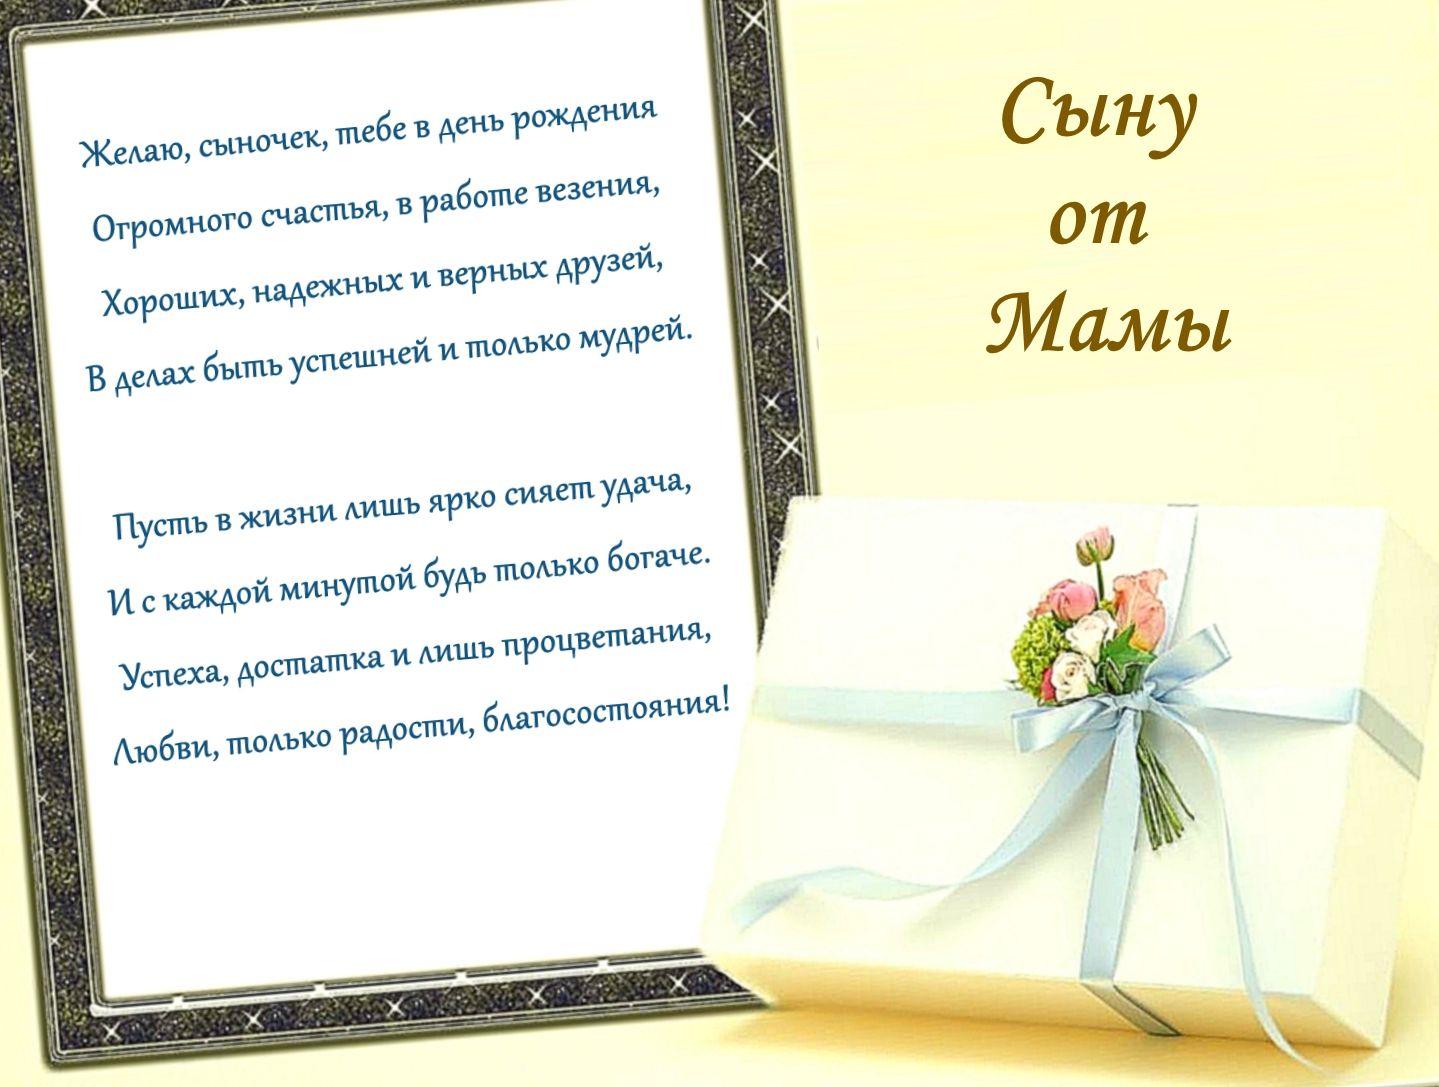 Поздравления с юбилеем на 50 лет маме от сына